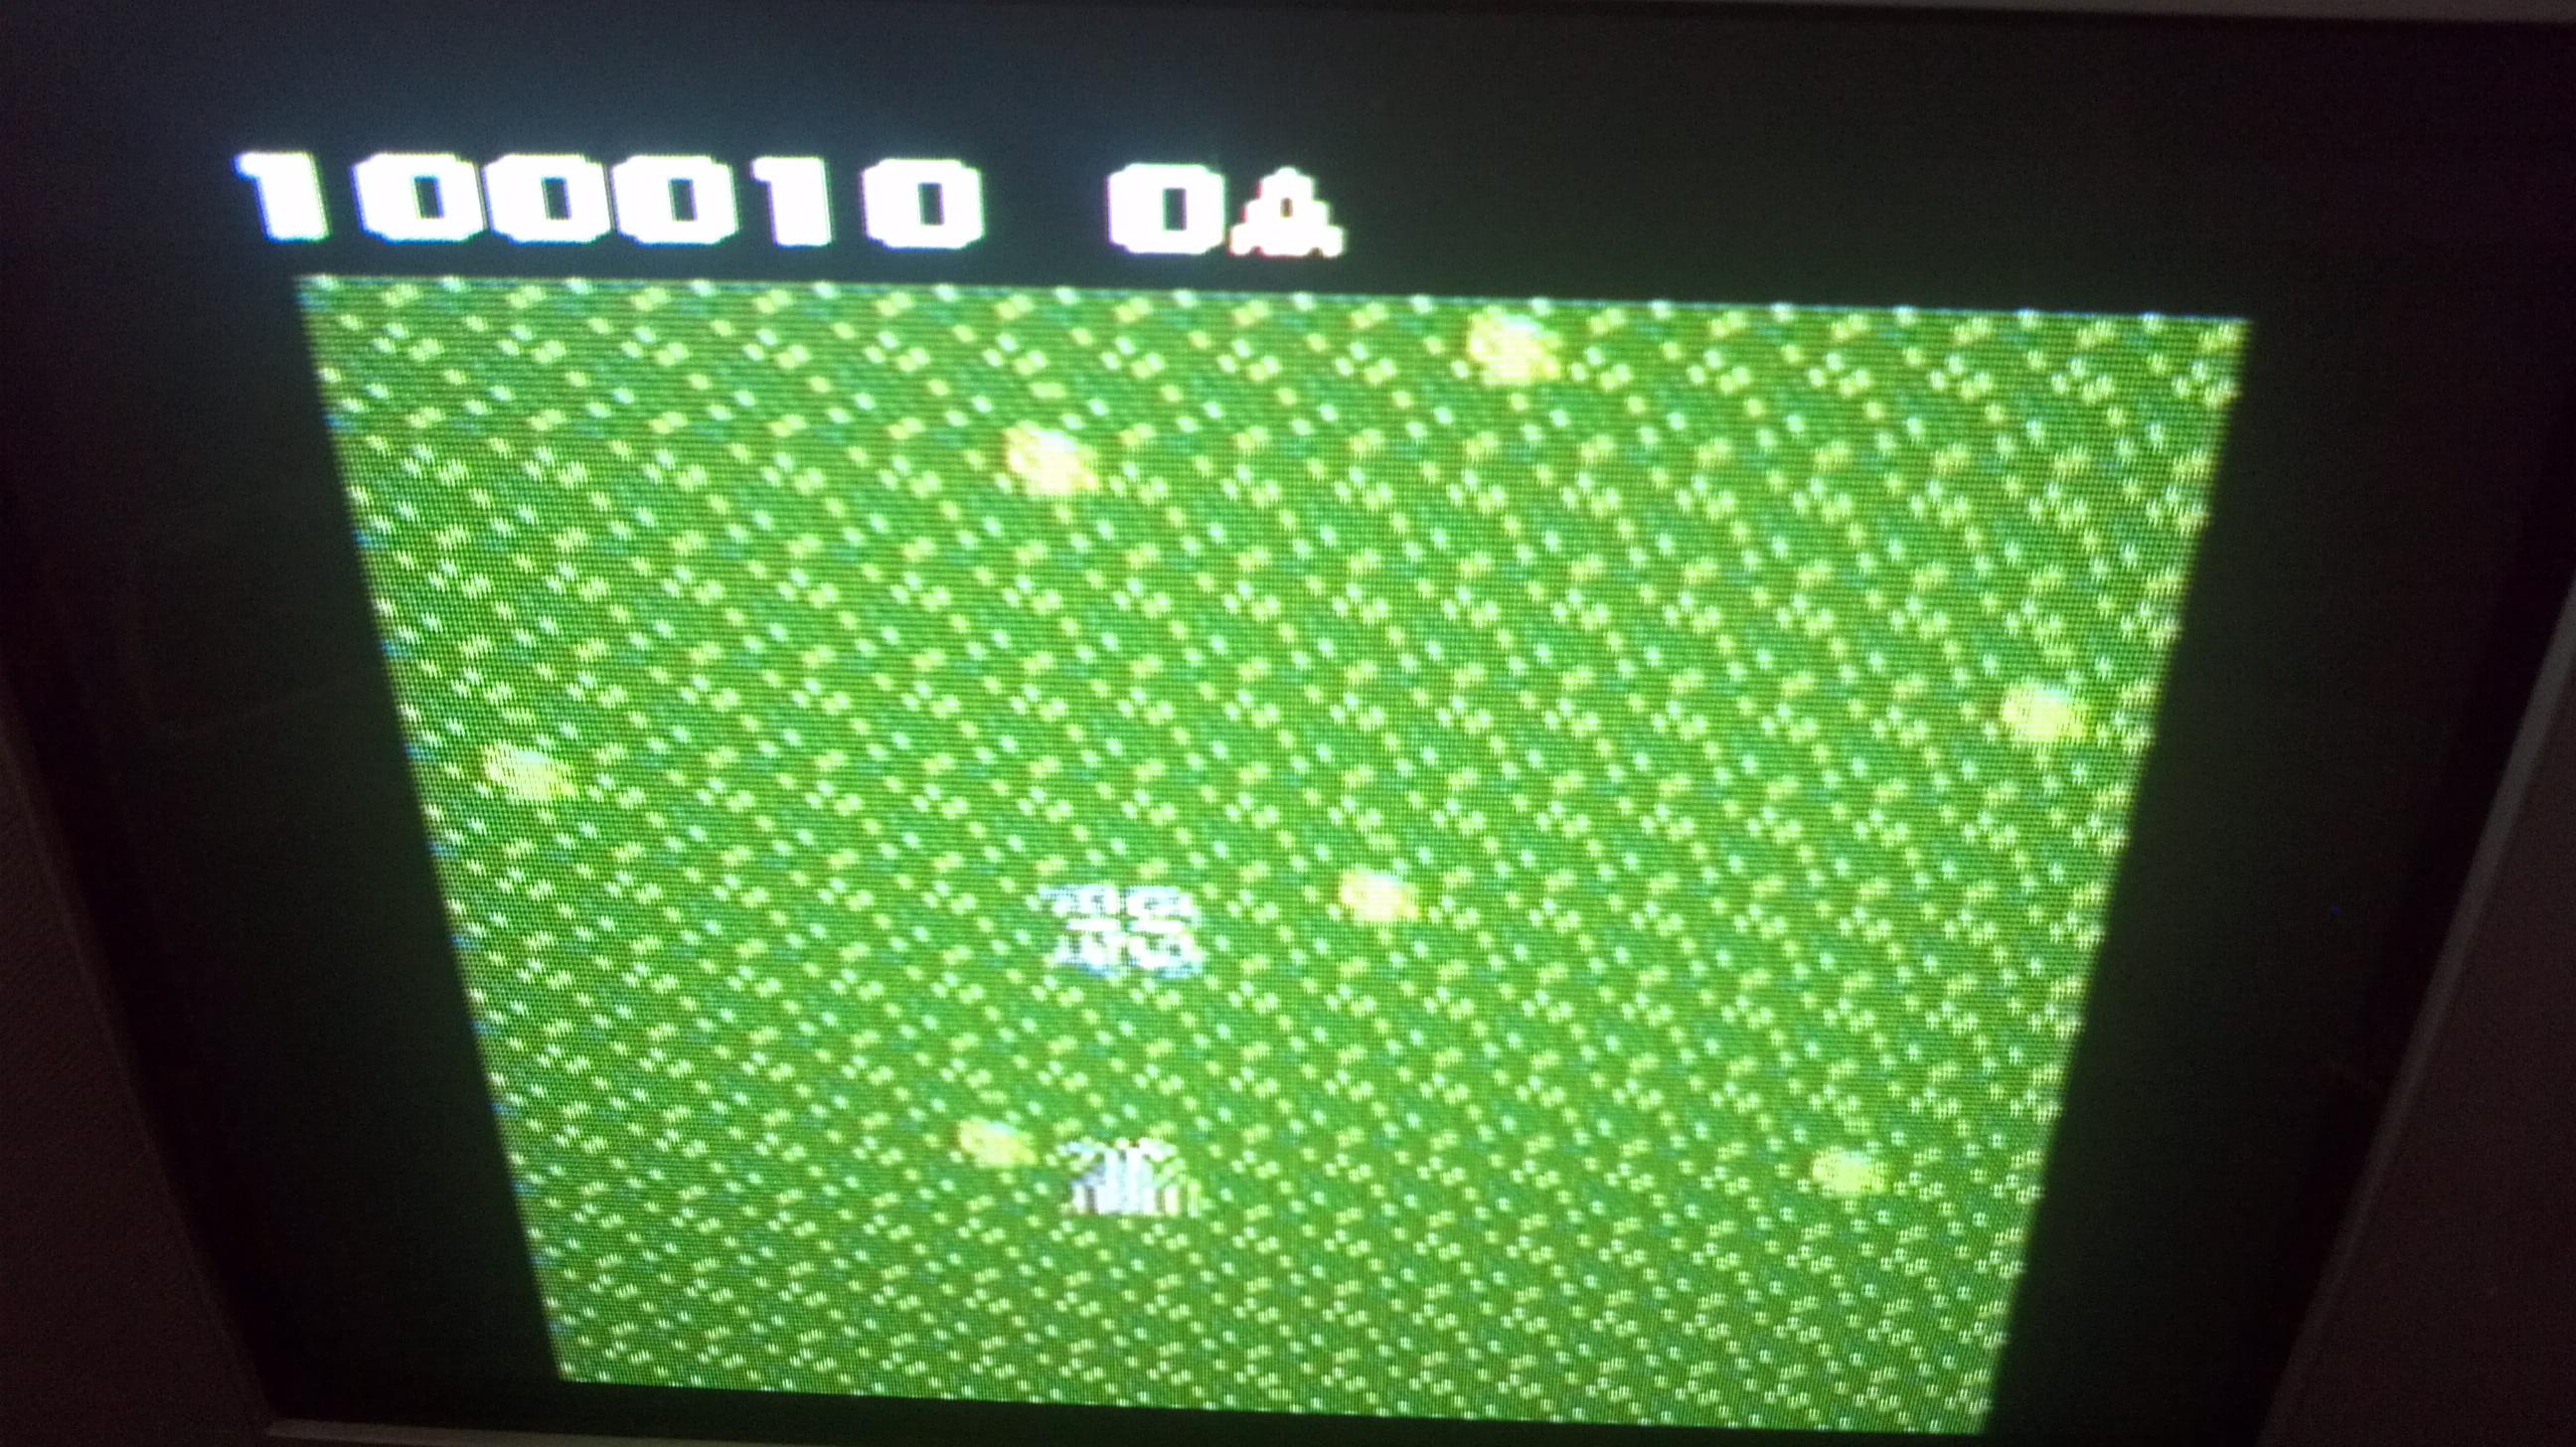 Liduario: Xevious: Novice (Atari 7800) 100,010 points on 2014-04-09 08:46:58